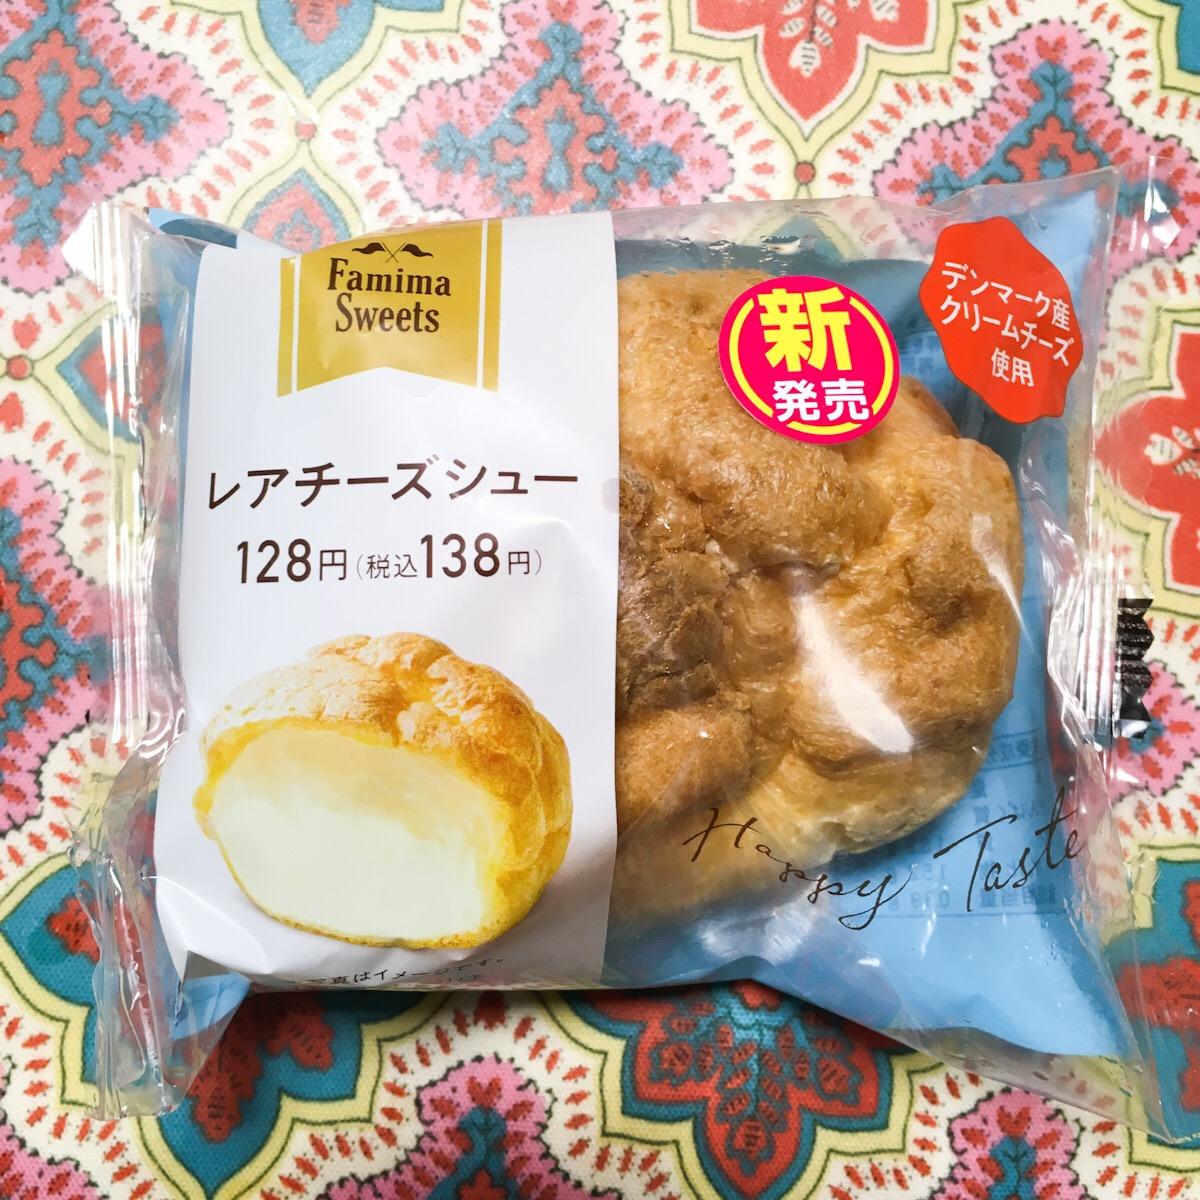 ファミマのレアチーズシュー。酸味が効いてさっぱりとしたシュークリーム